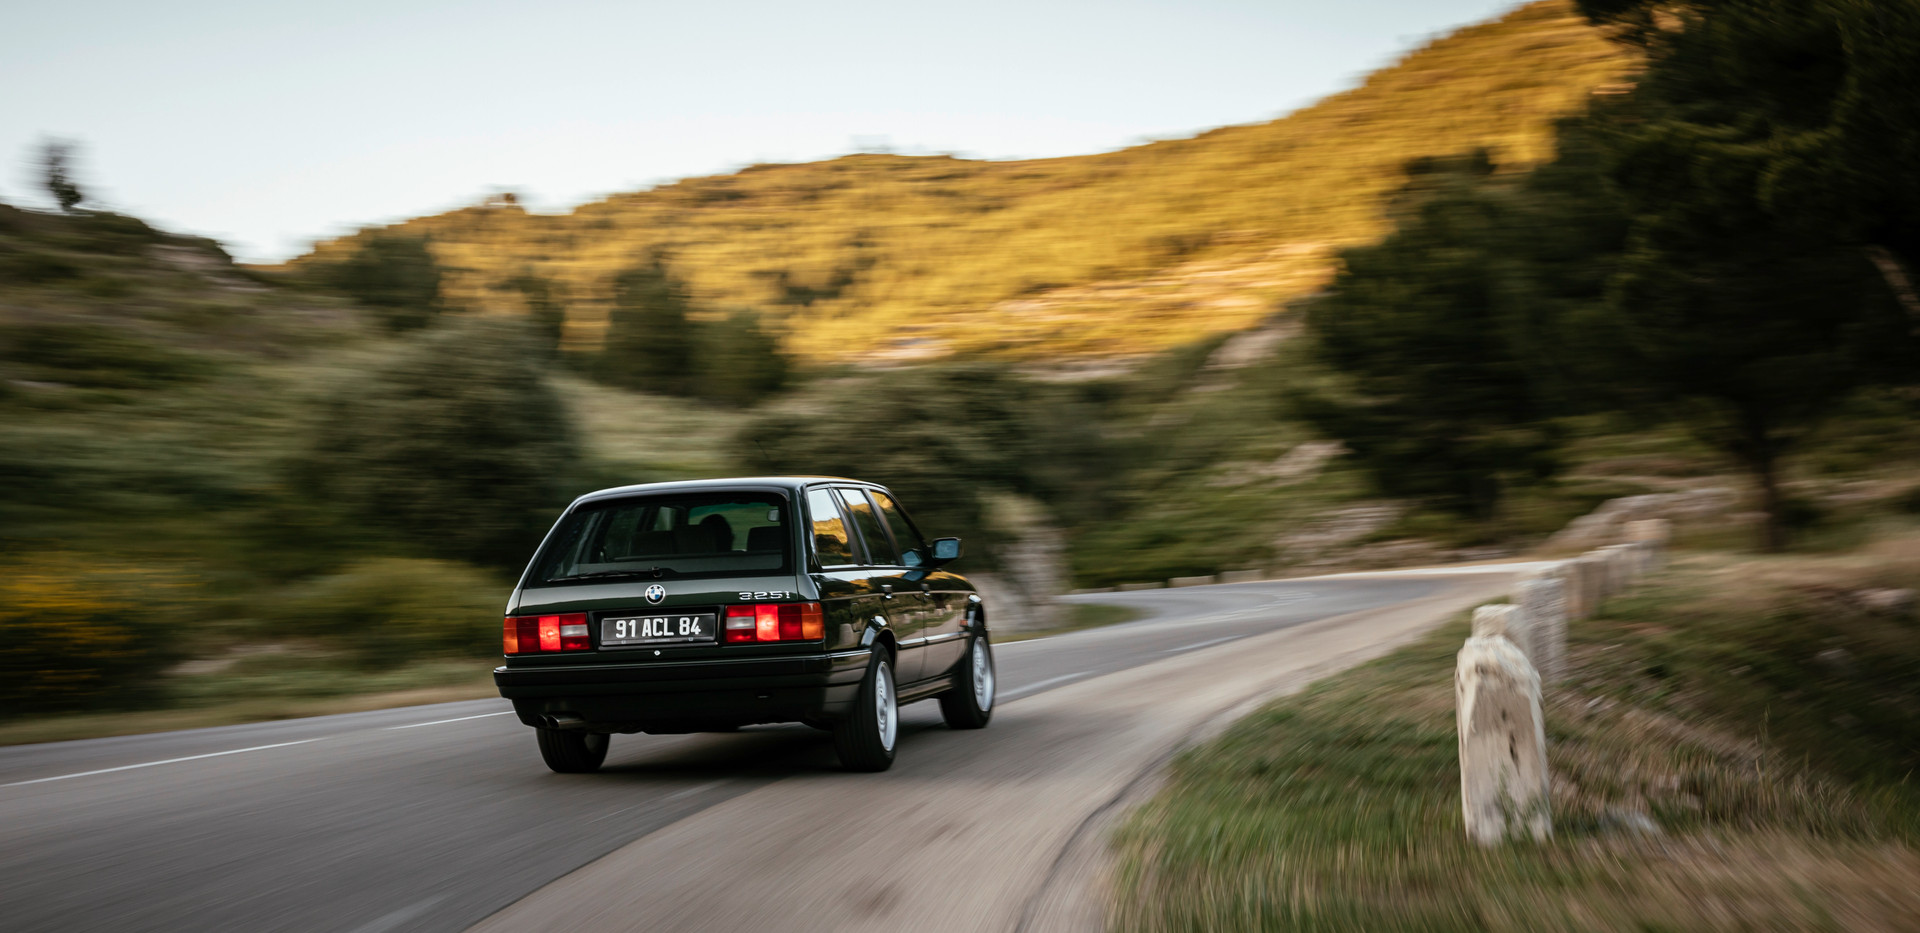 BMW_325i_55.jpeg